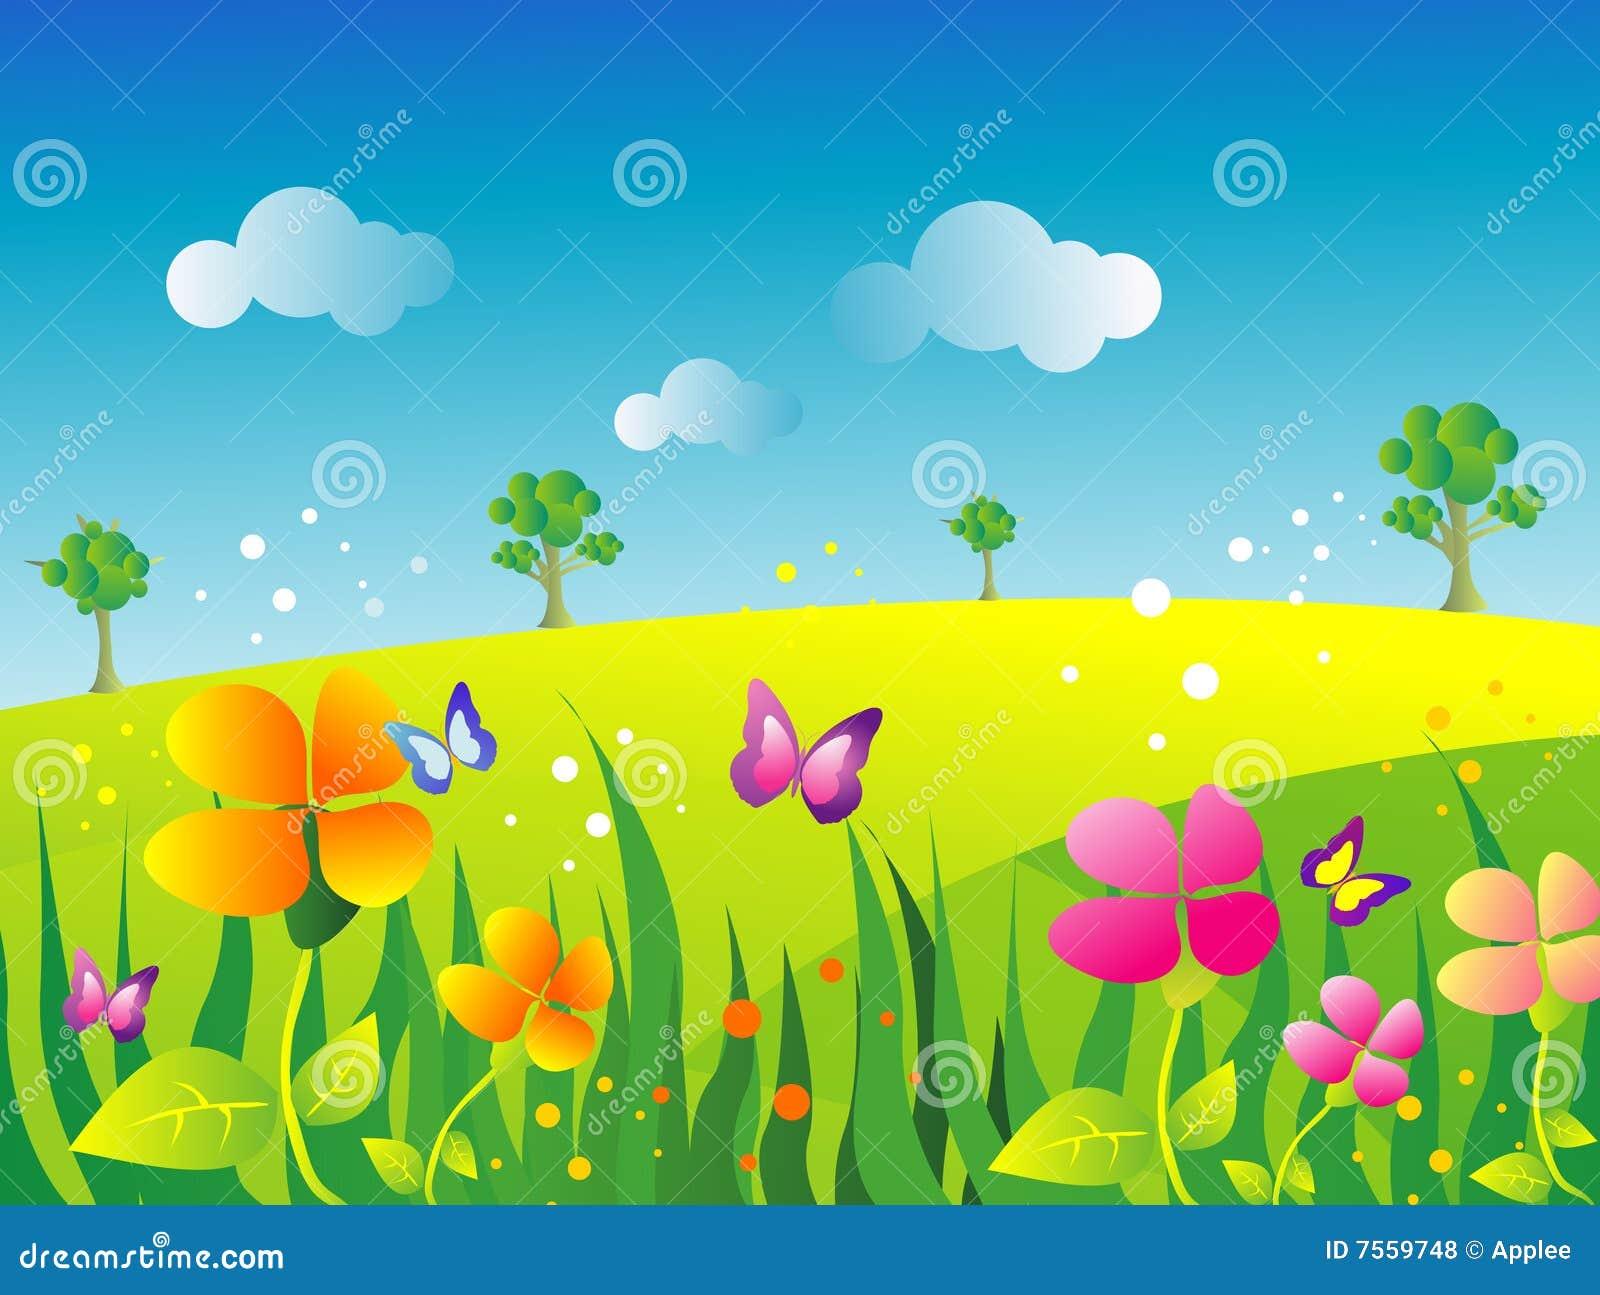 Garden illustration stock vector. Illustration of cute , 7559748